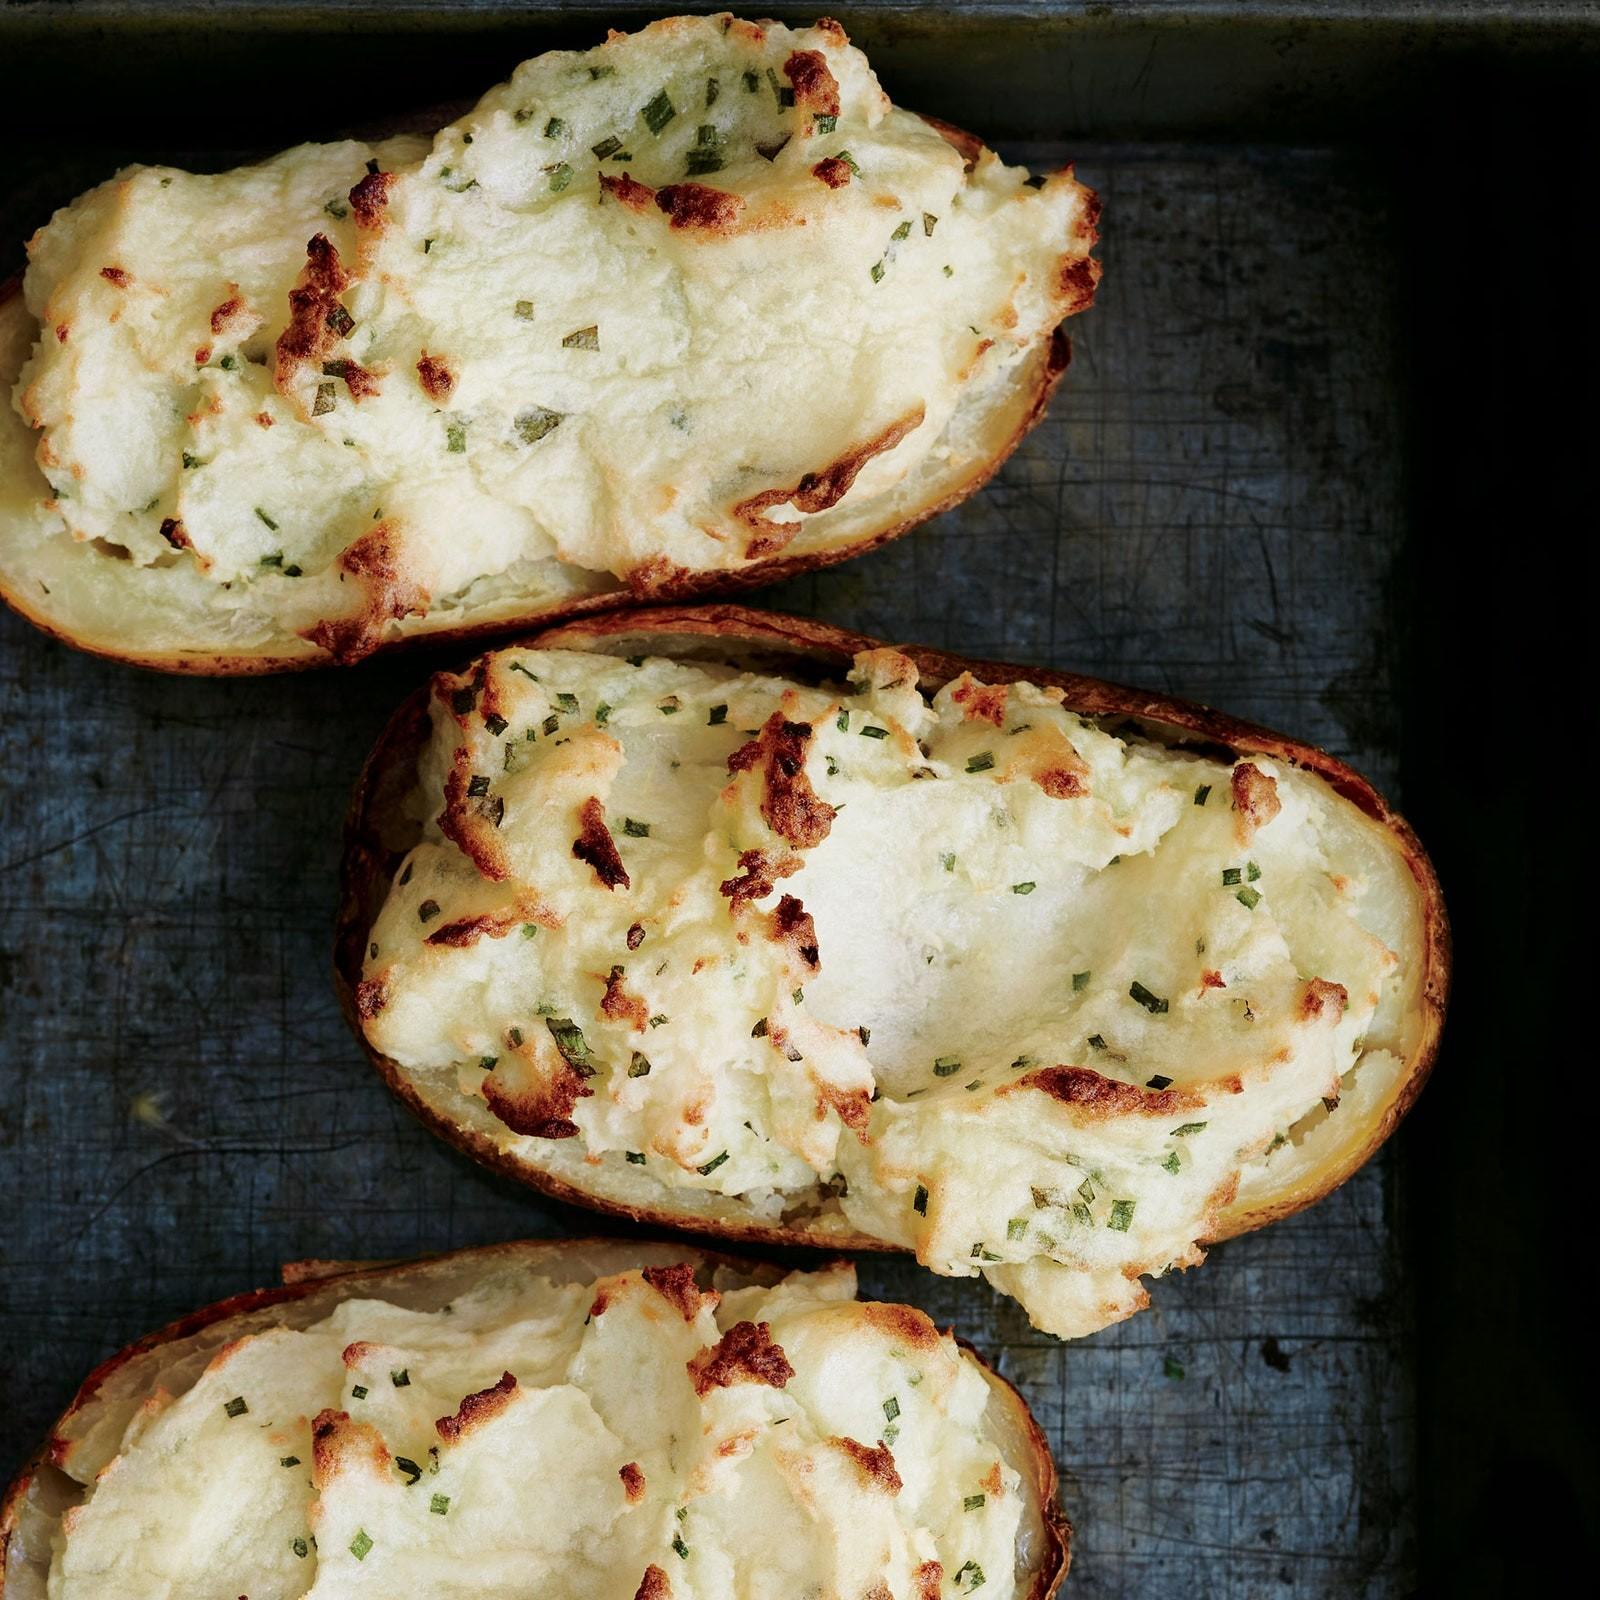 وصفات بالكريمة الحامضة- طريقة عمل قوارب البطاطس المخبوزة مع الكريمة الحامضة